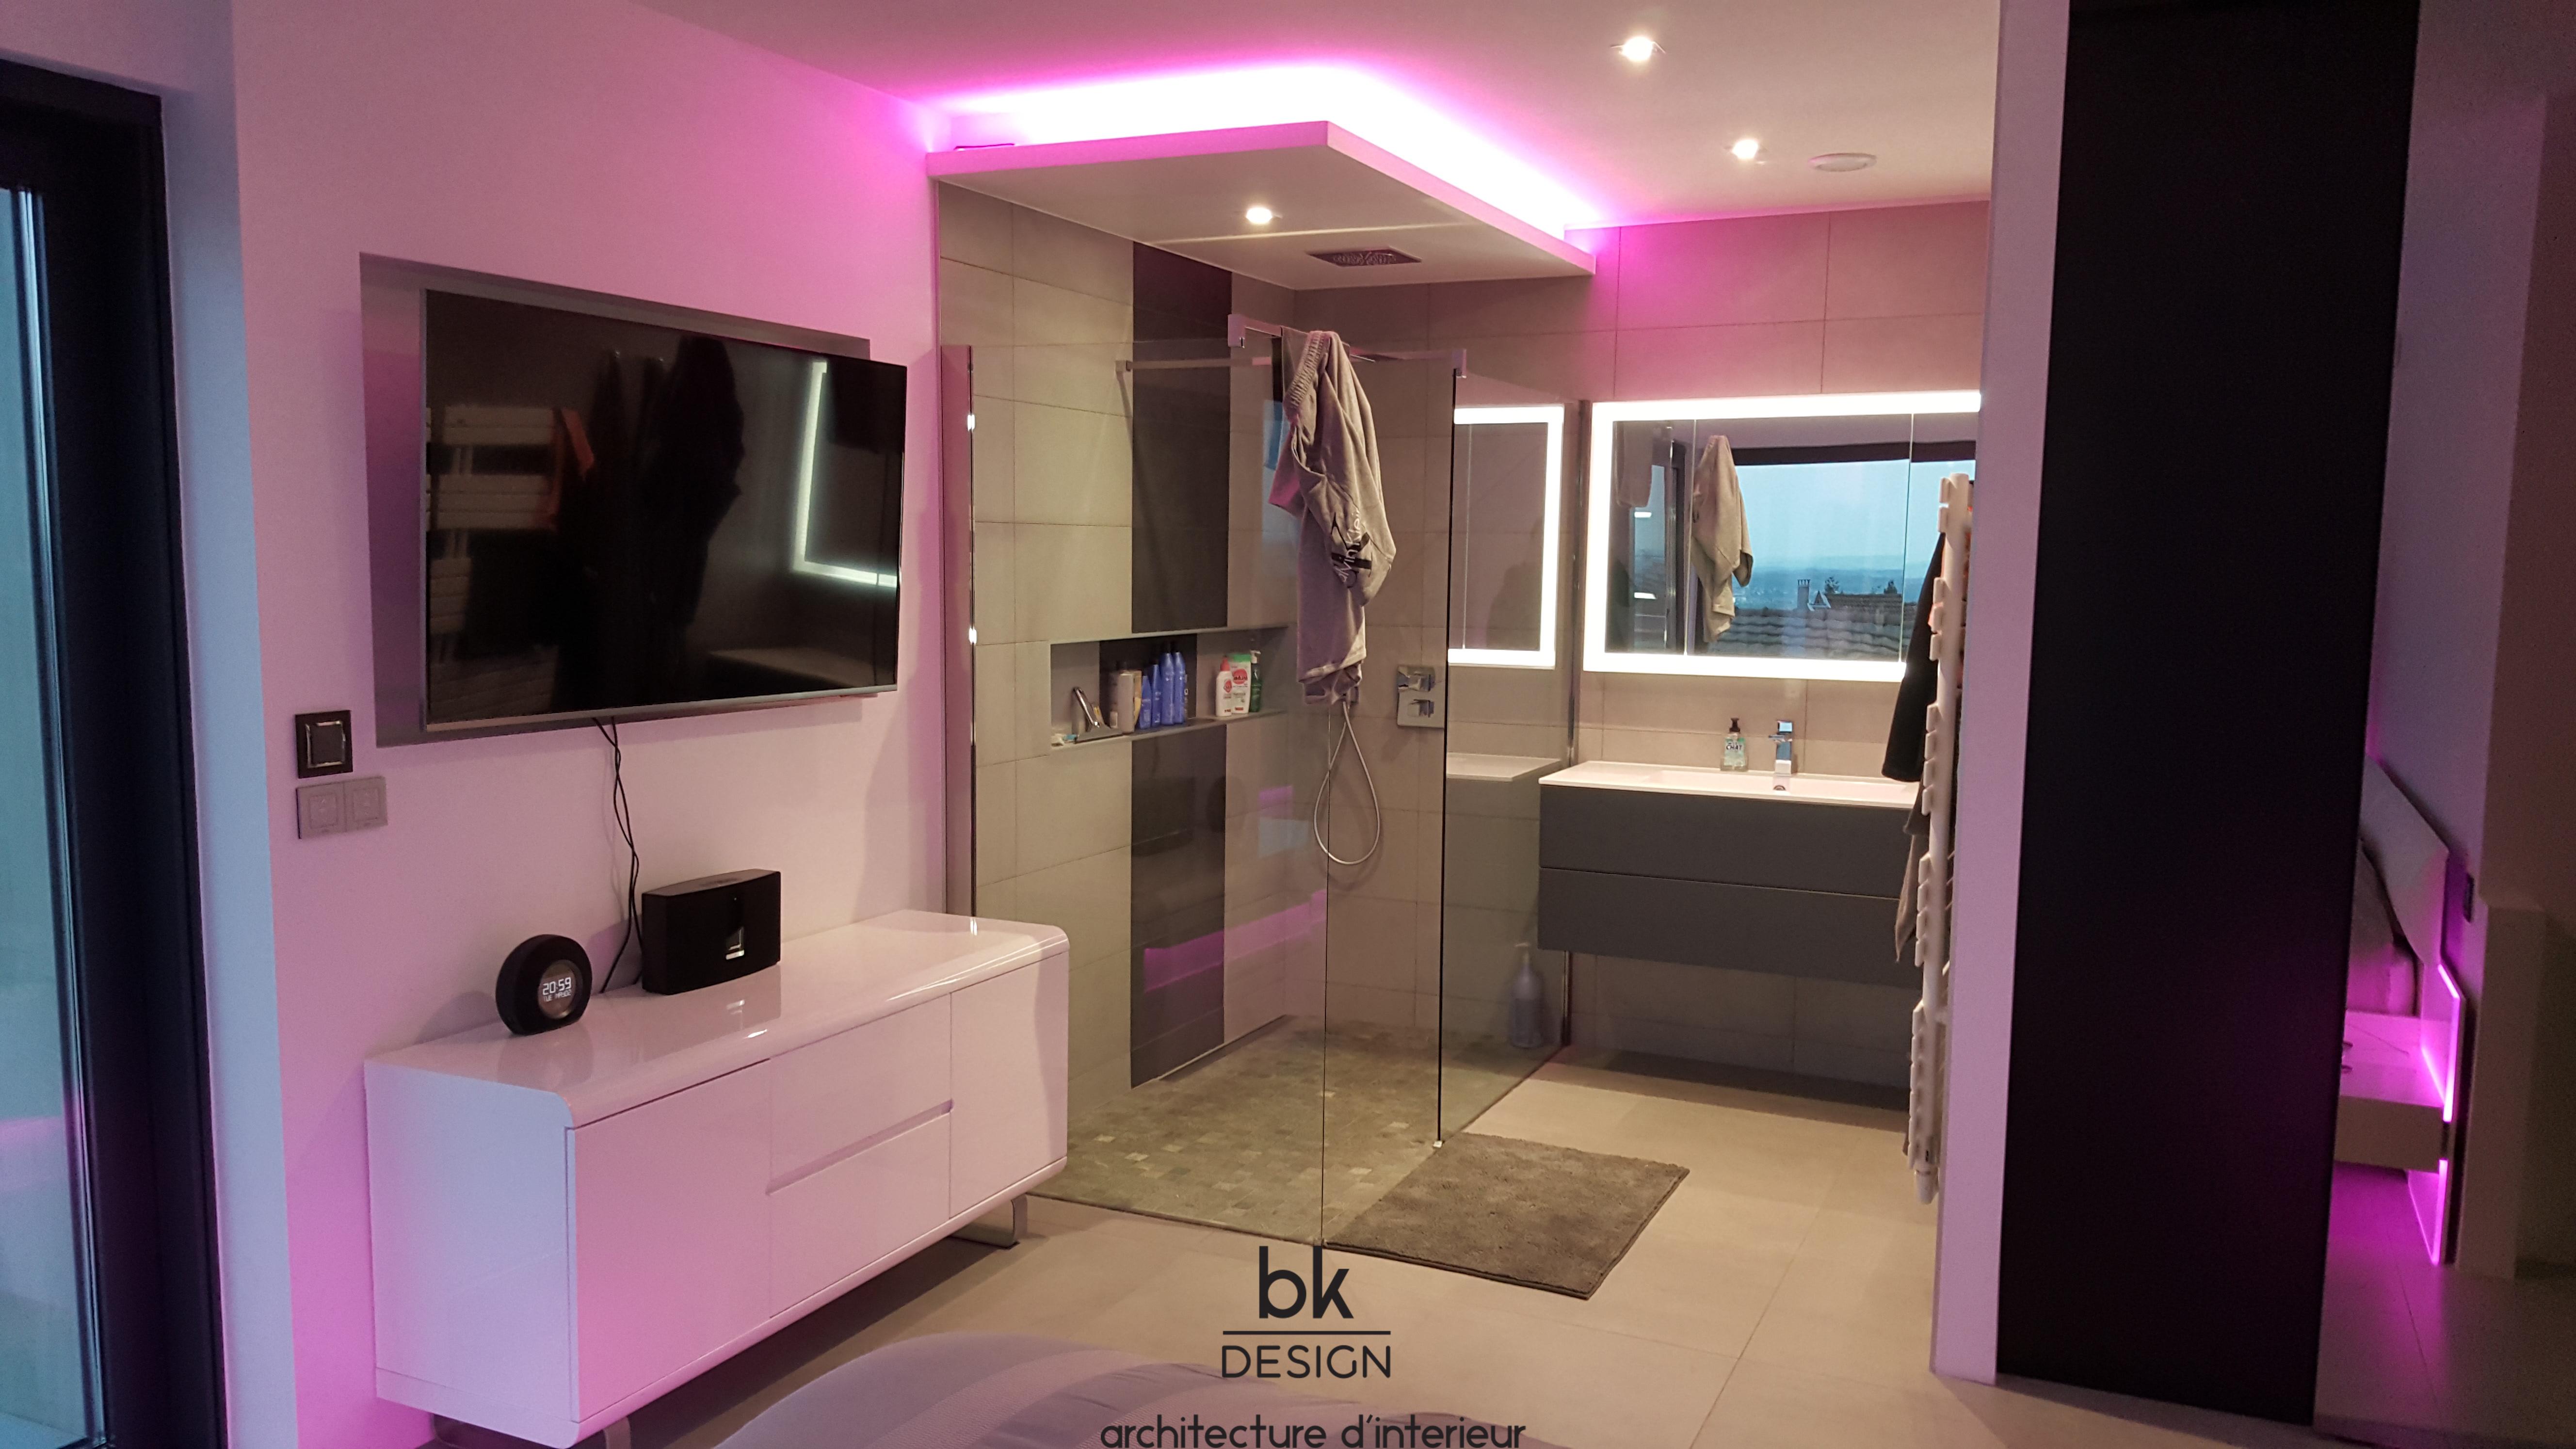 architecte int rieur metz thionville nancy lorraine projets bk design. Black Bedroom Furniture Sets. Home Design Ideas